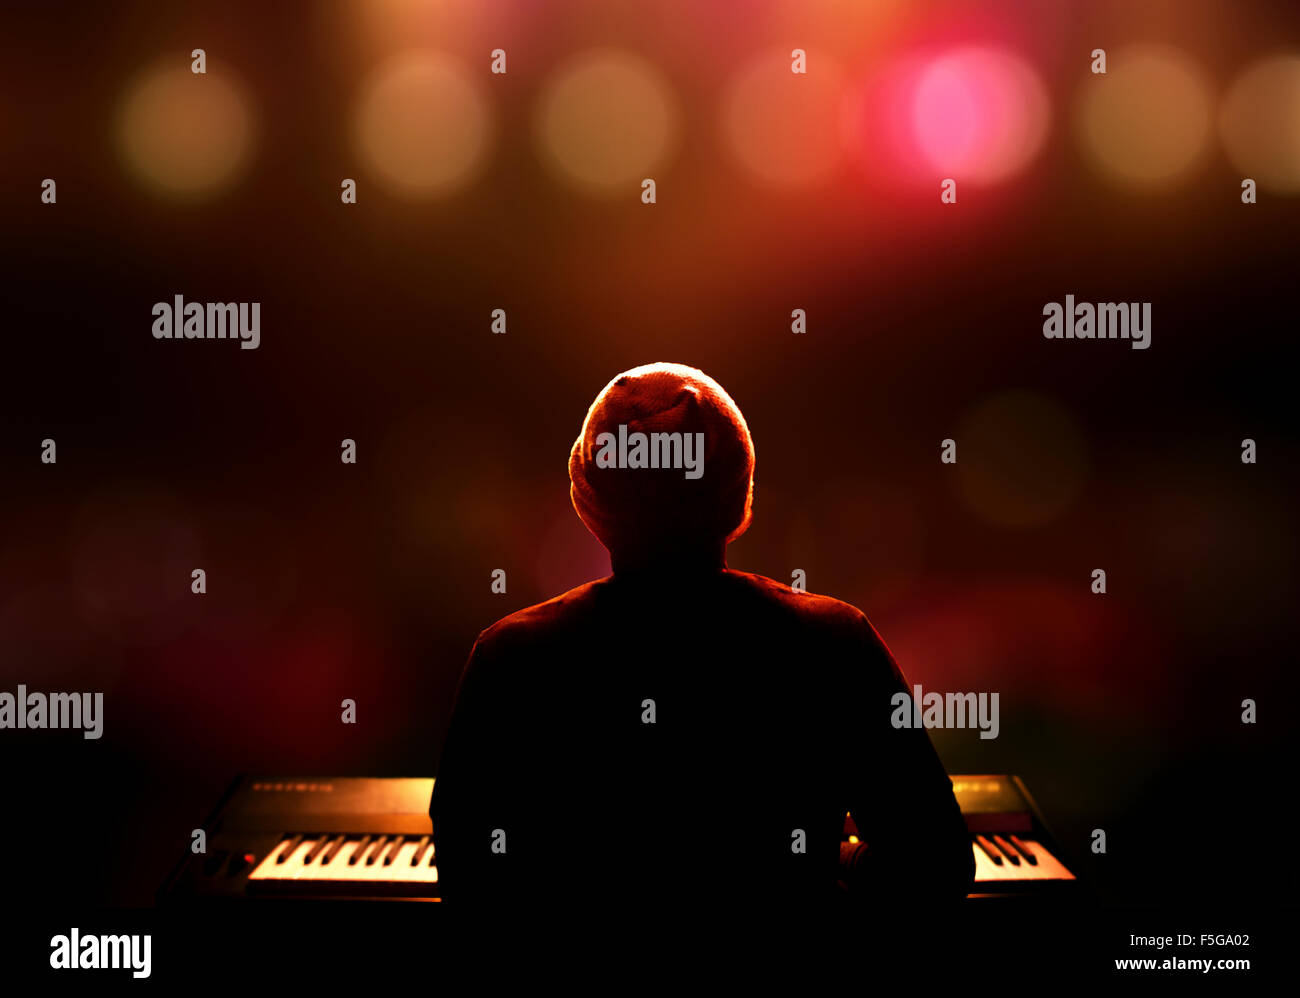 Pianista che suona il sintetizzatore dal vivo sul palco. Visto da dietro con estrema DOF poco profondo Foto Stock